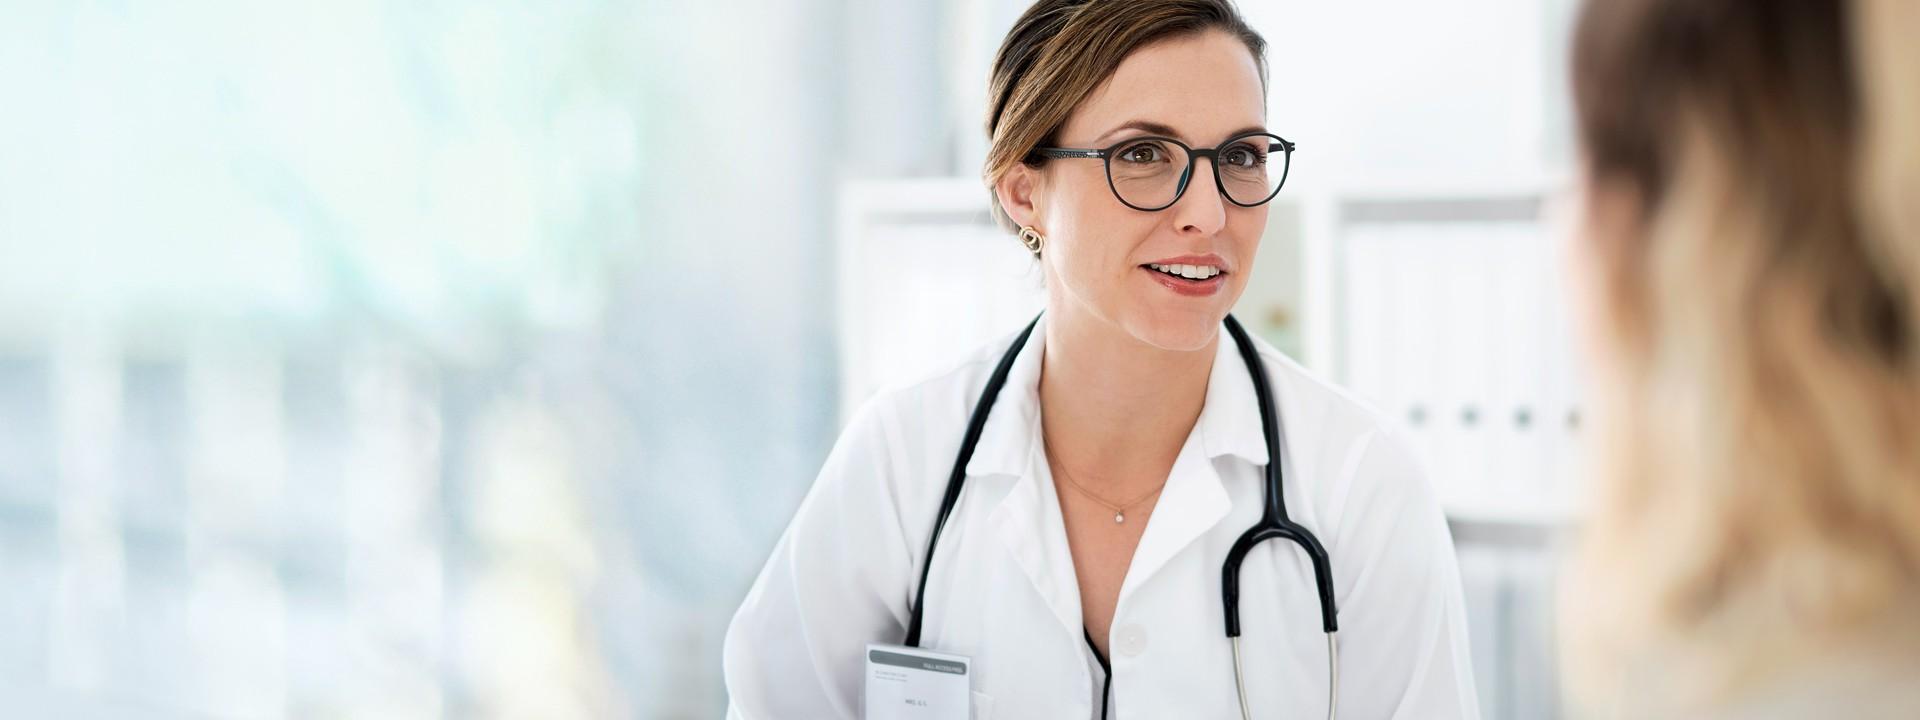 Eine Ärztin mit weißem Kittel und Stethoskop um dem Hals berät in einer Praxis eine junge Frau.